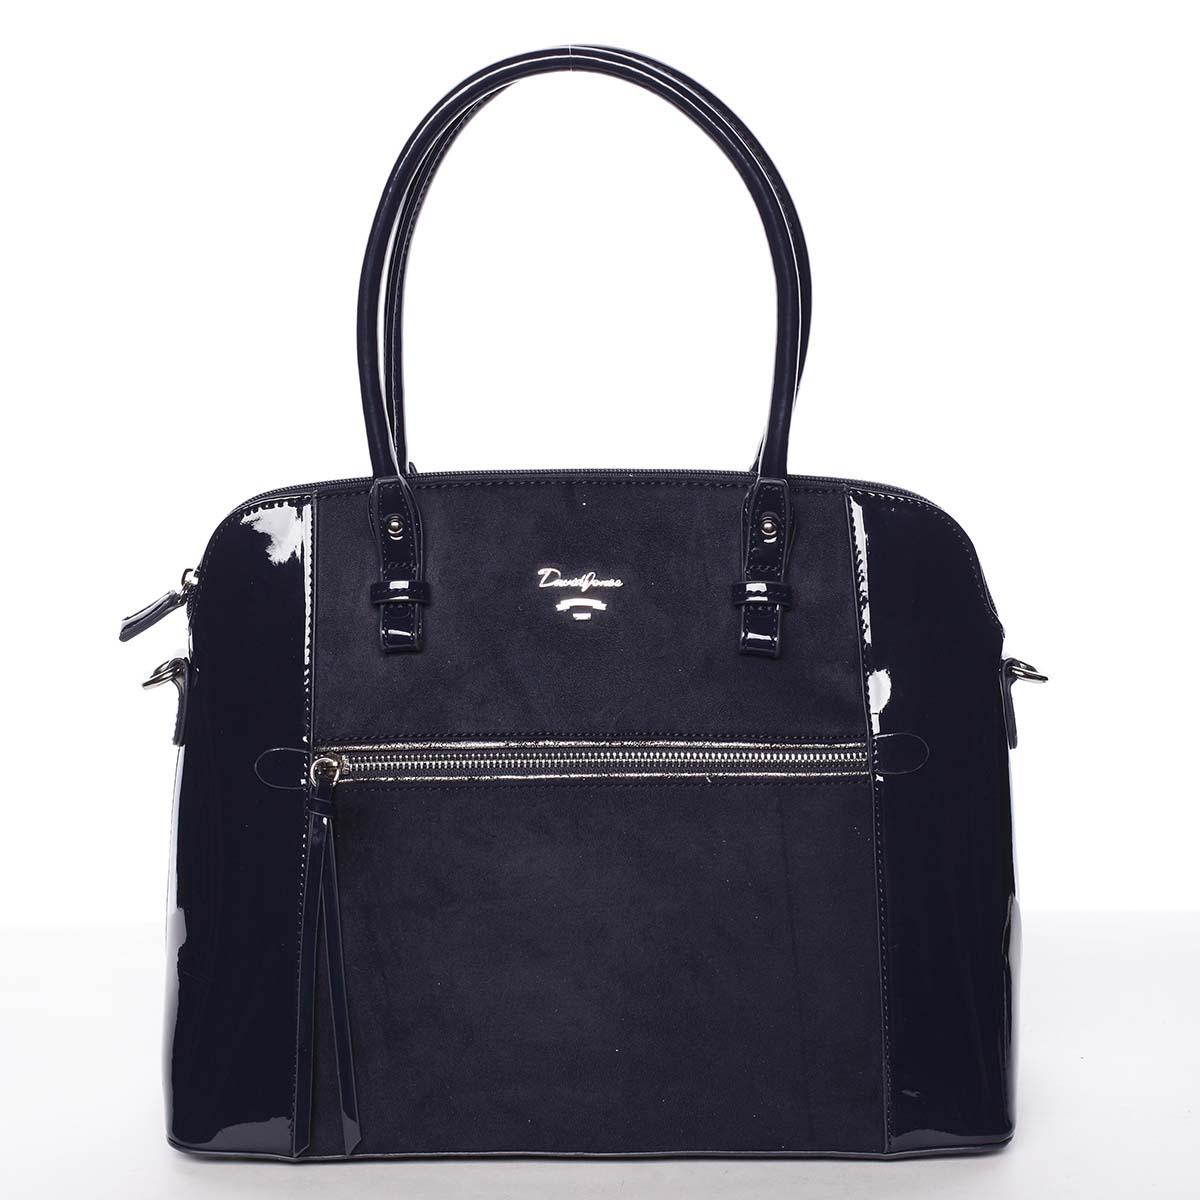 Jedinečná střední dámská tmavě modrá kabelka - David Jones Julietta